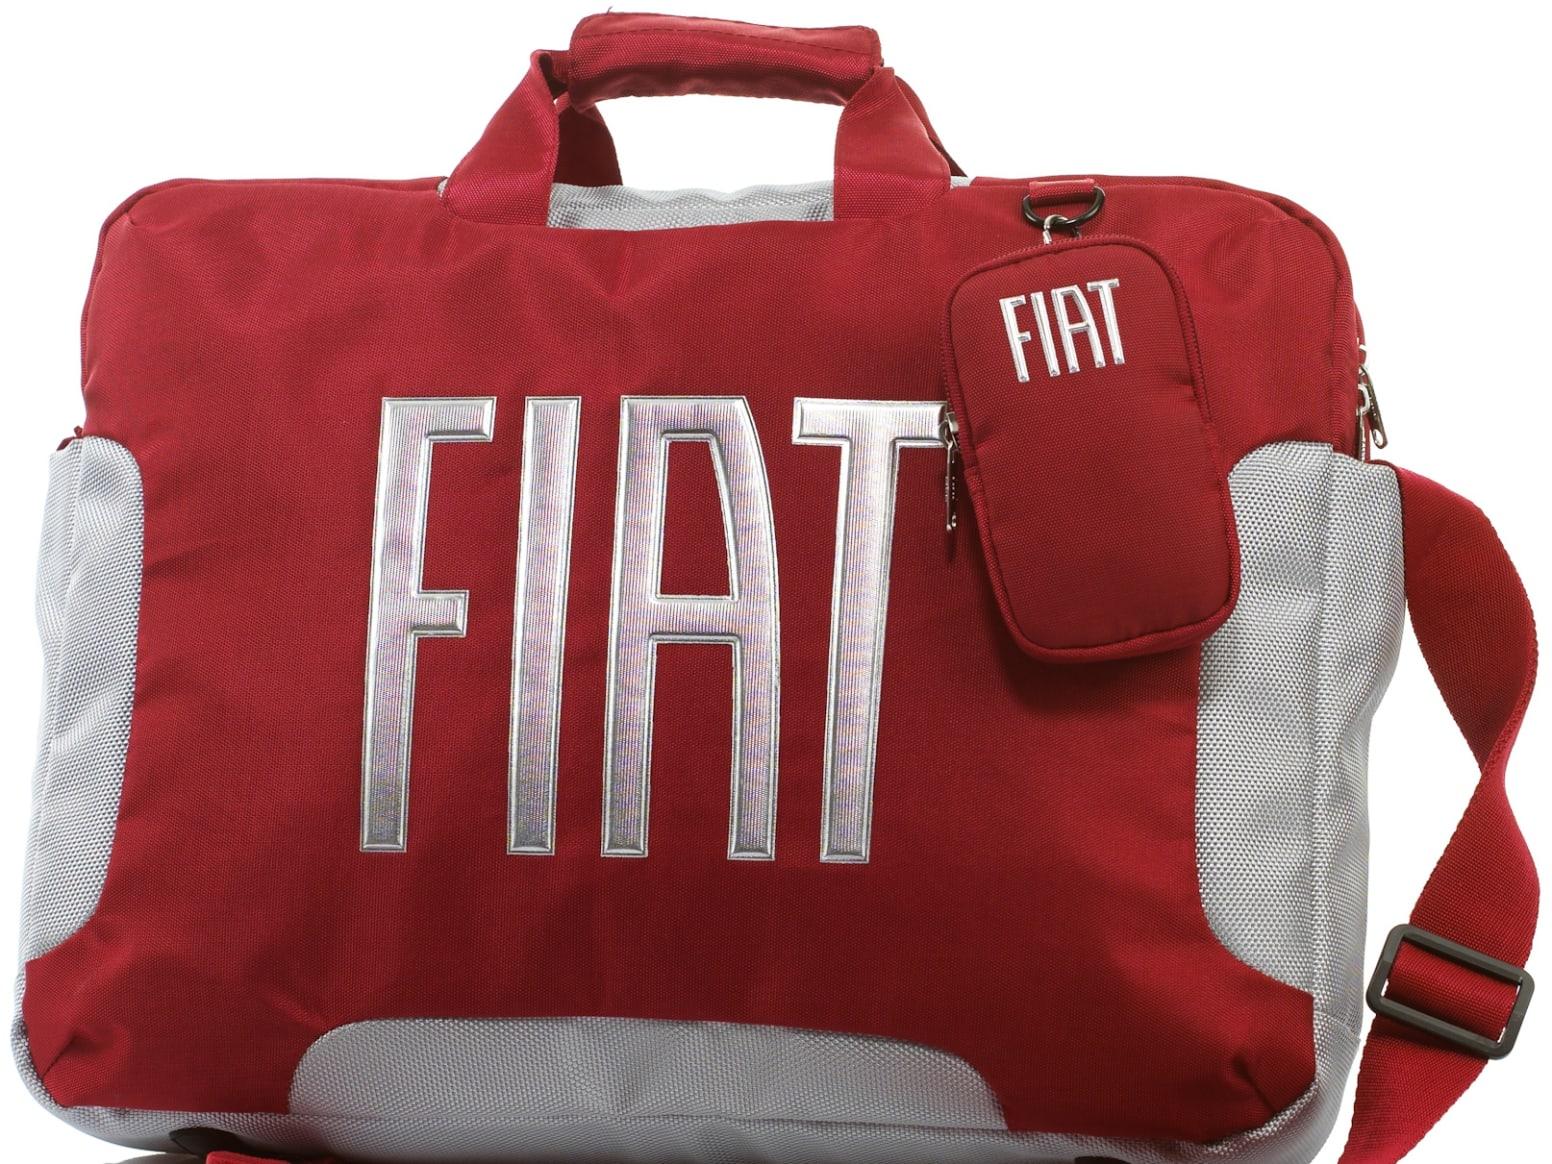 Fiat Briefcase